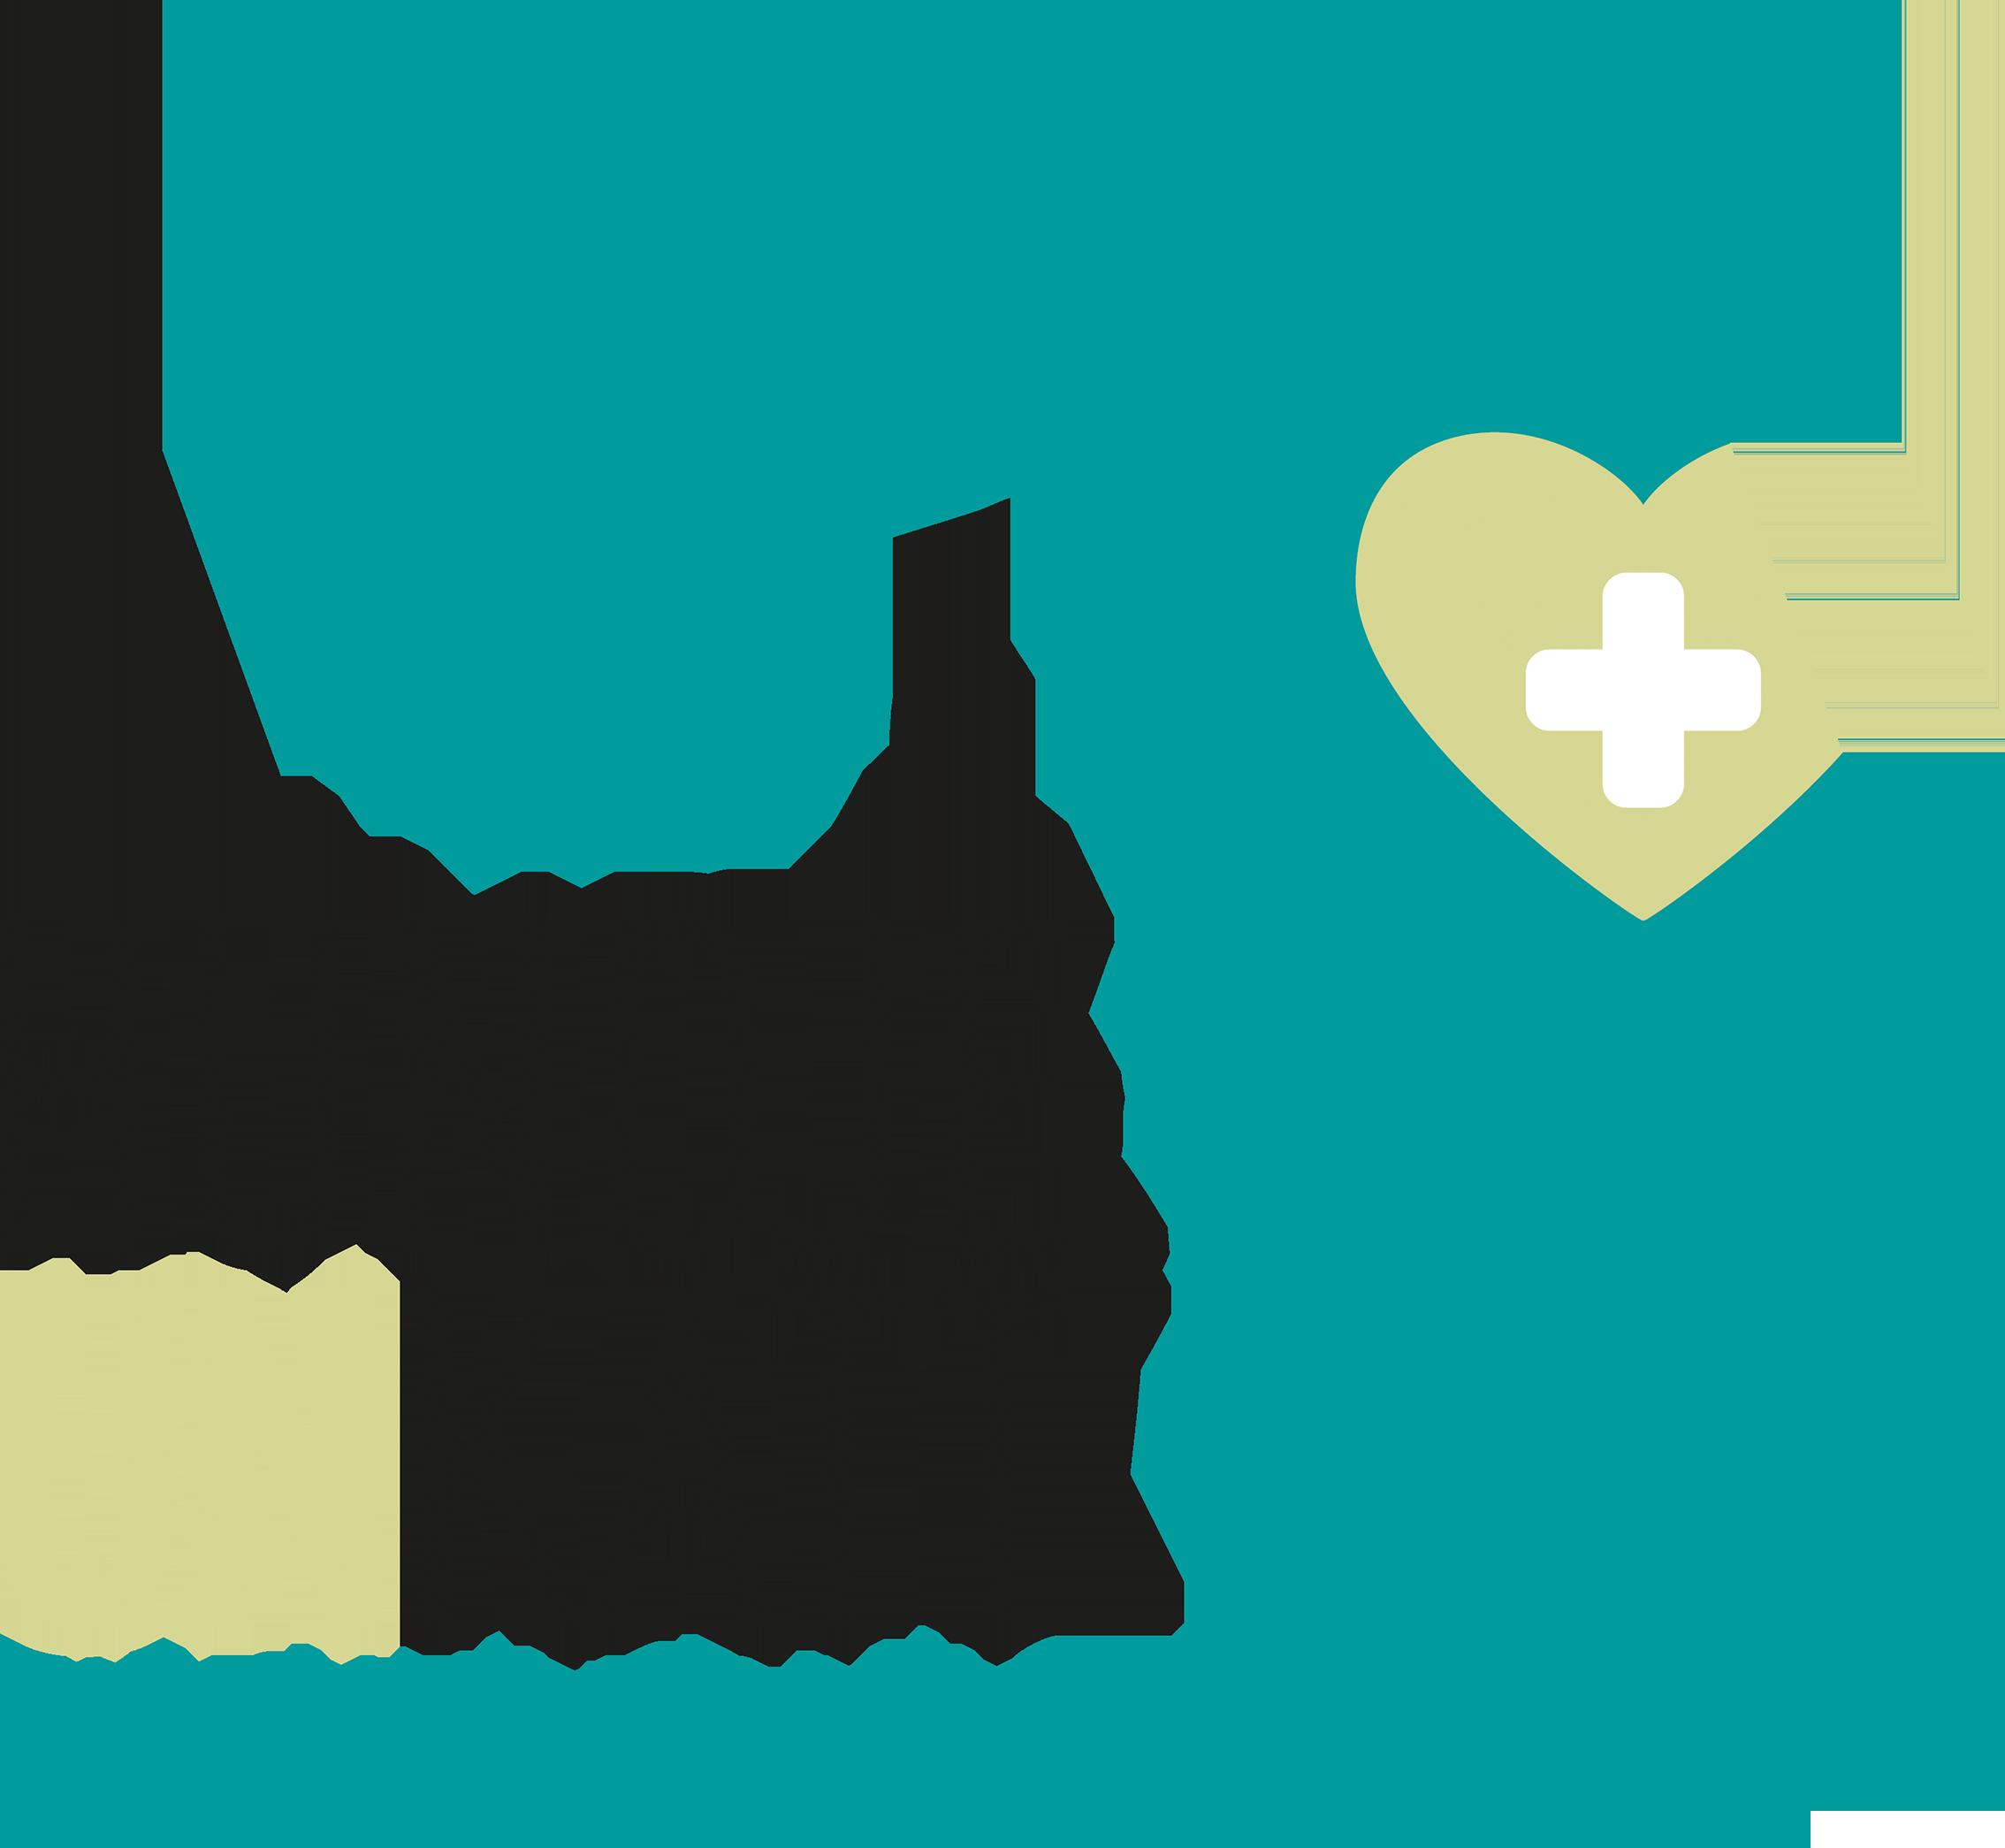 Tierheilpraxis - HUNDJEUNKATT